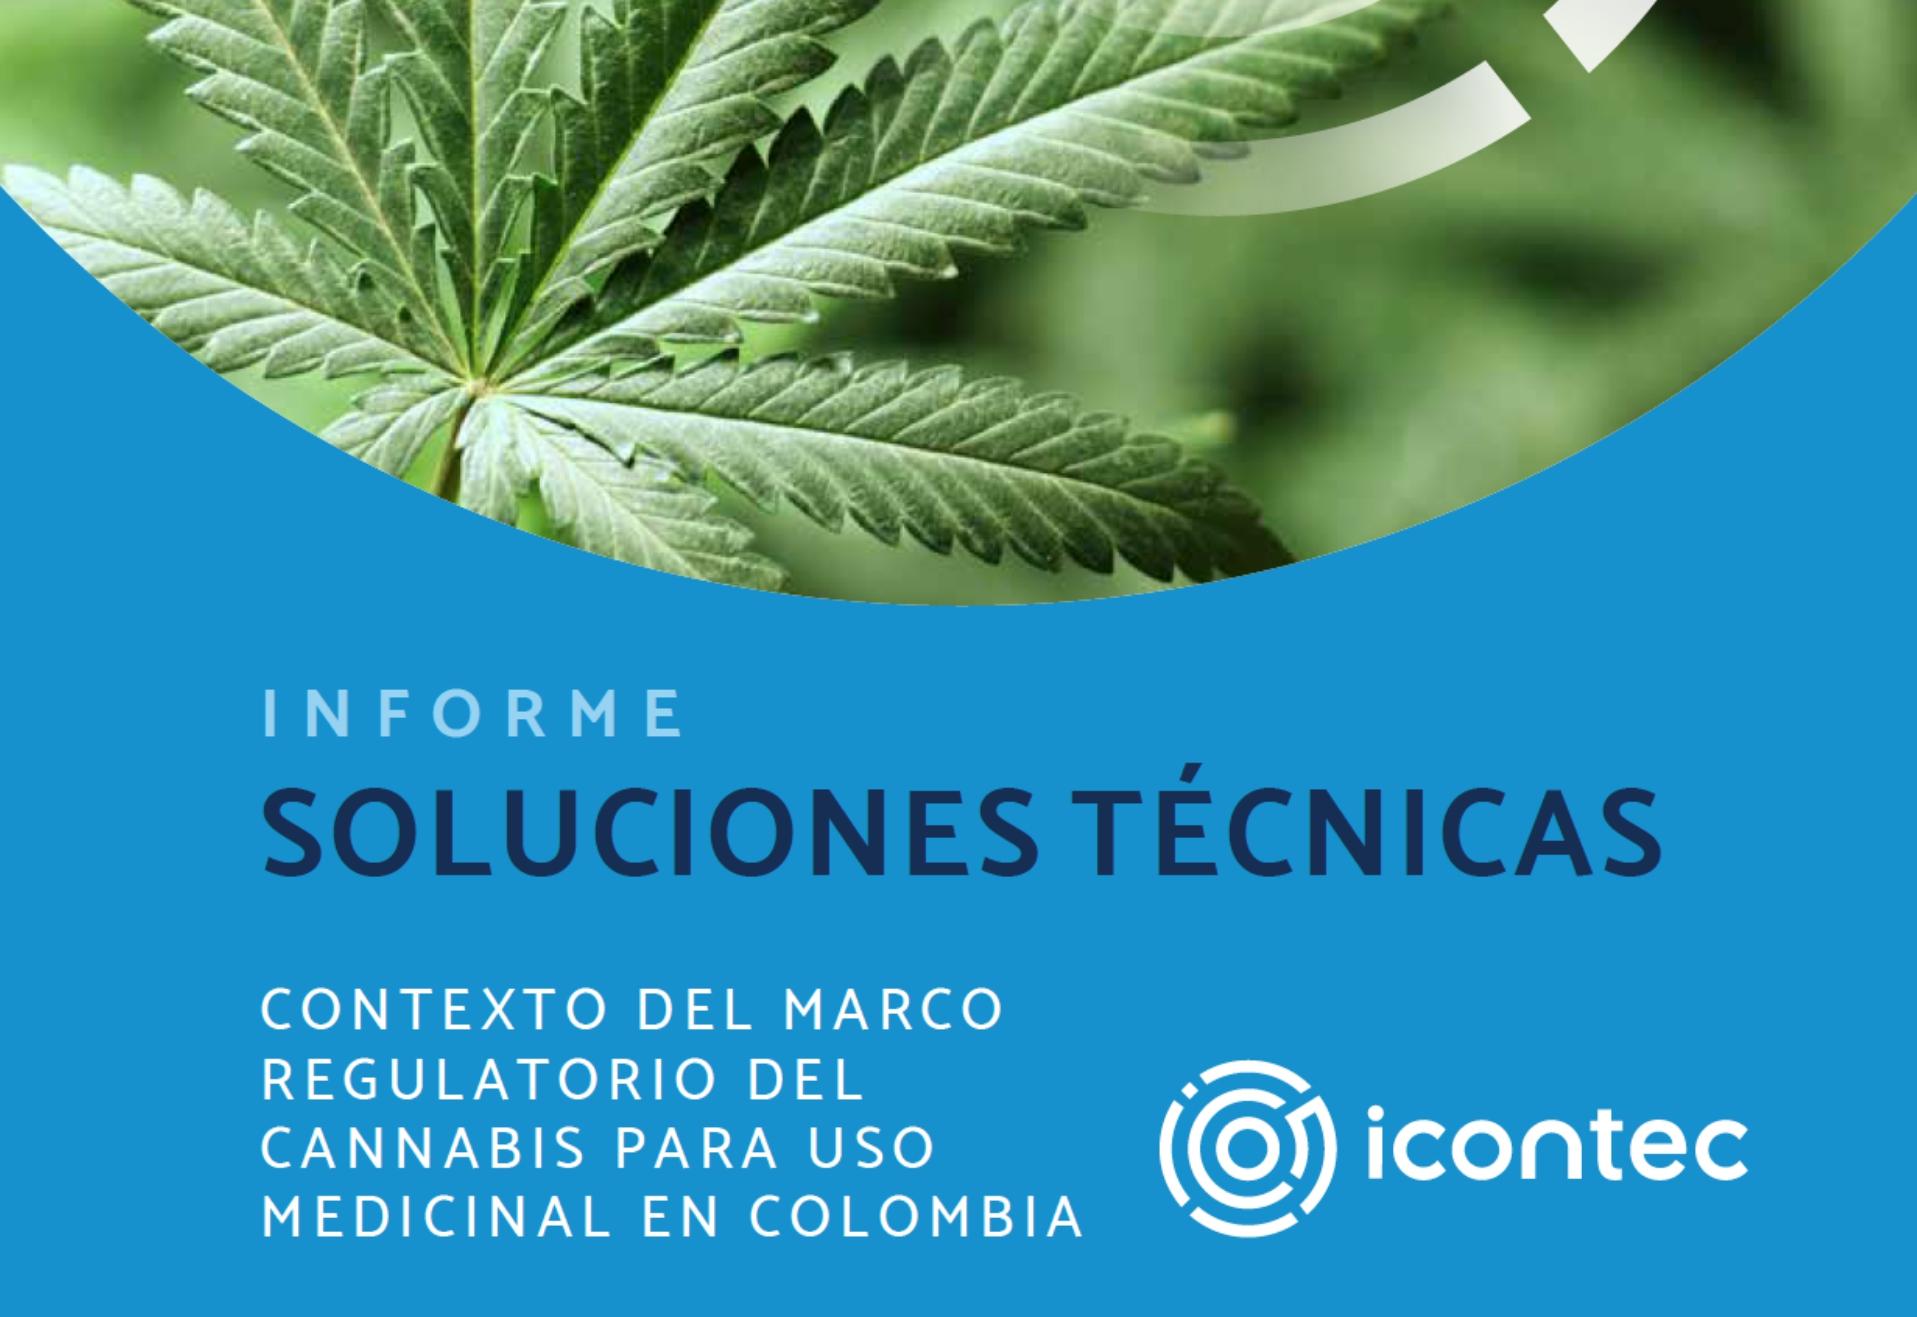 Contexto del marco regulatorio del Cannabis para uso medicinal